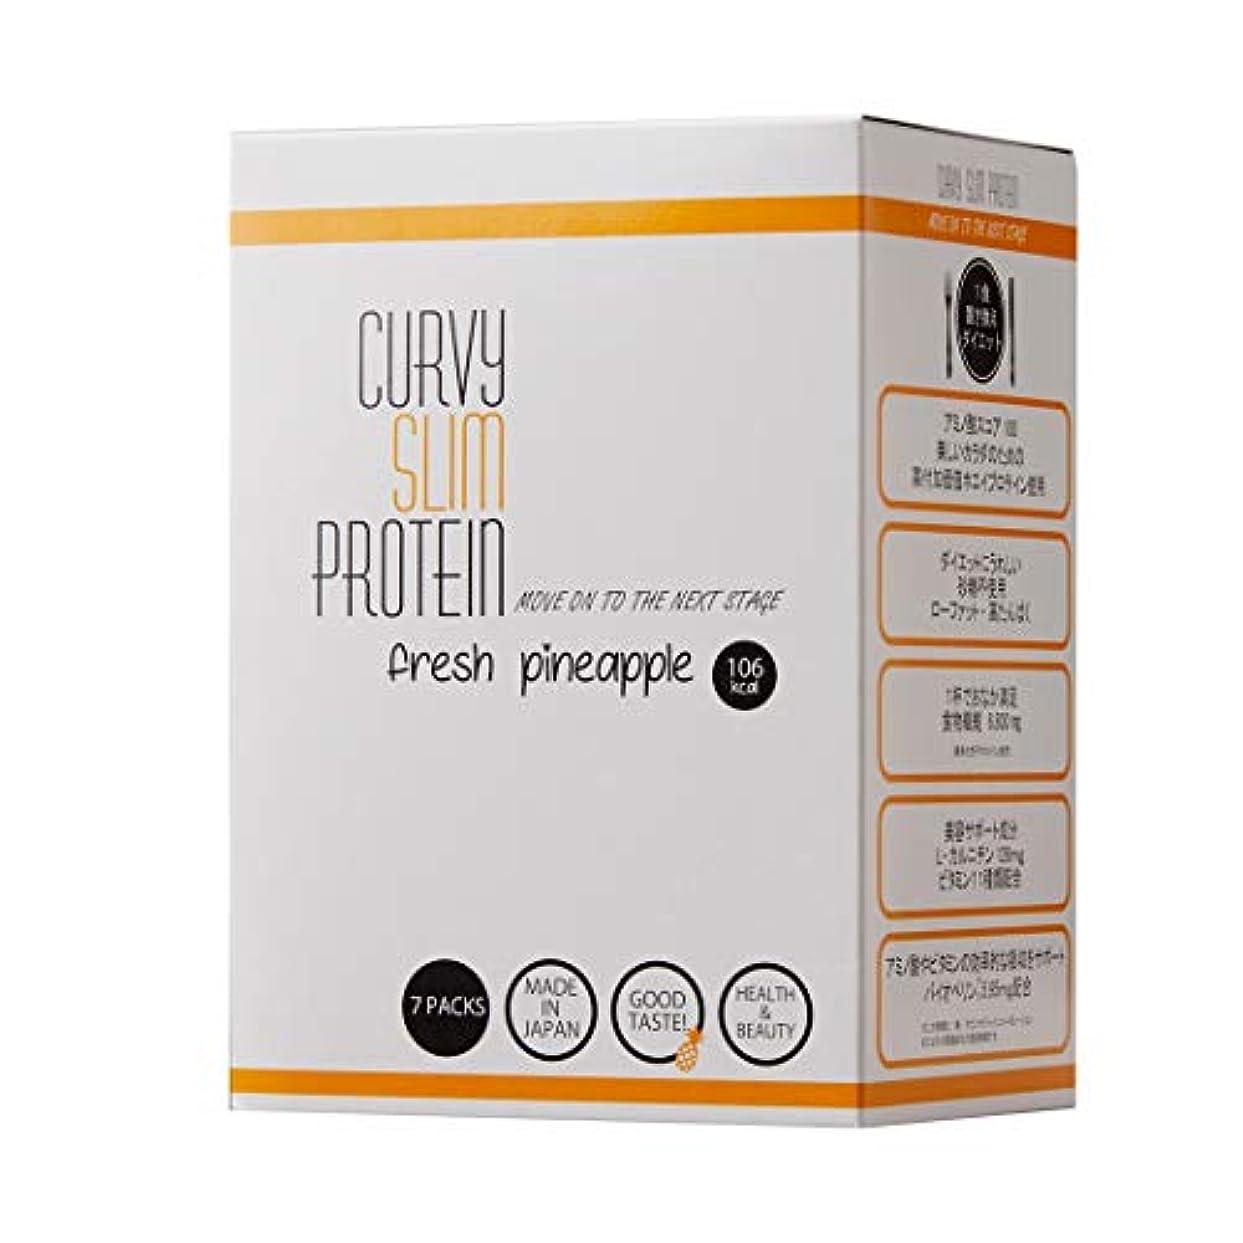 おじいちゃん不正威信カーヴィースリム® プロテイン フレッシュパイナップル 置き換え ダイエット 7包(7食分)